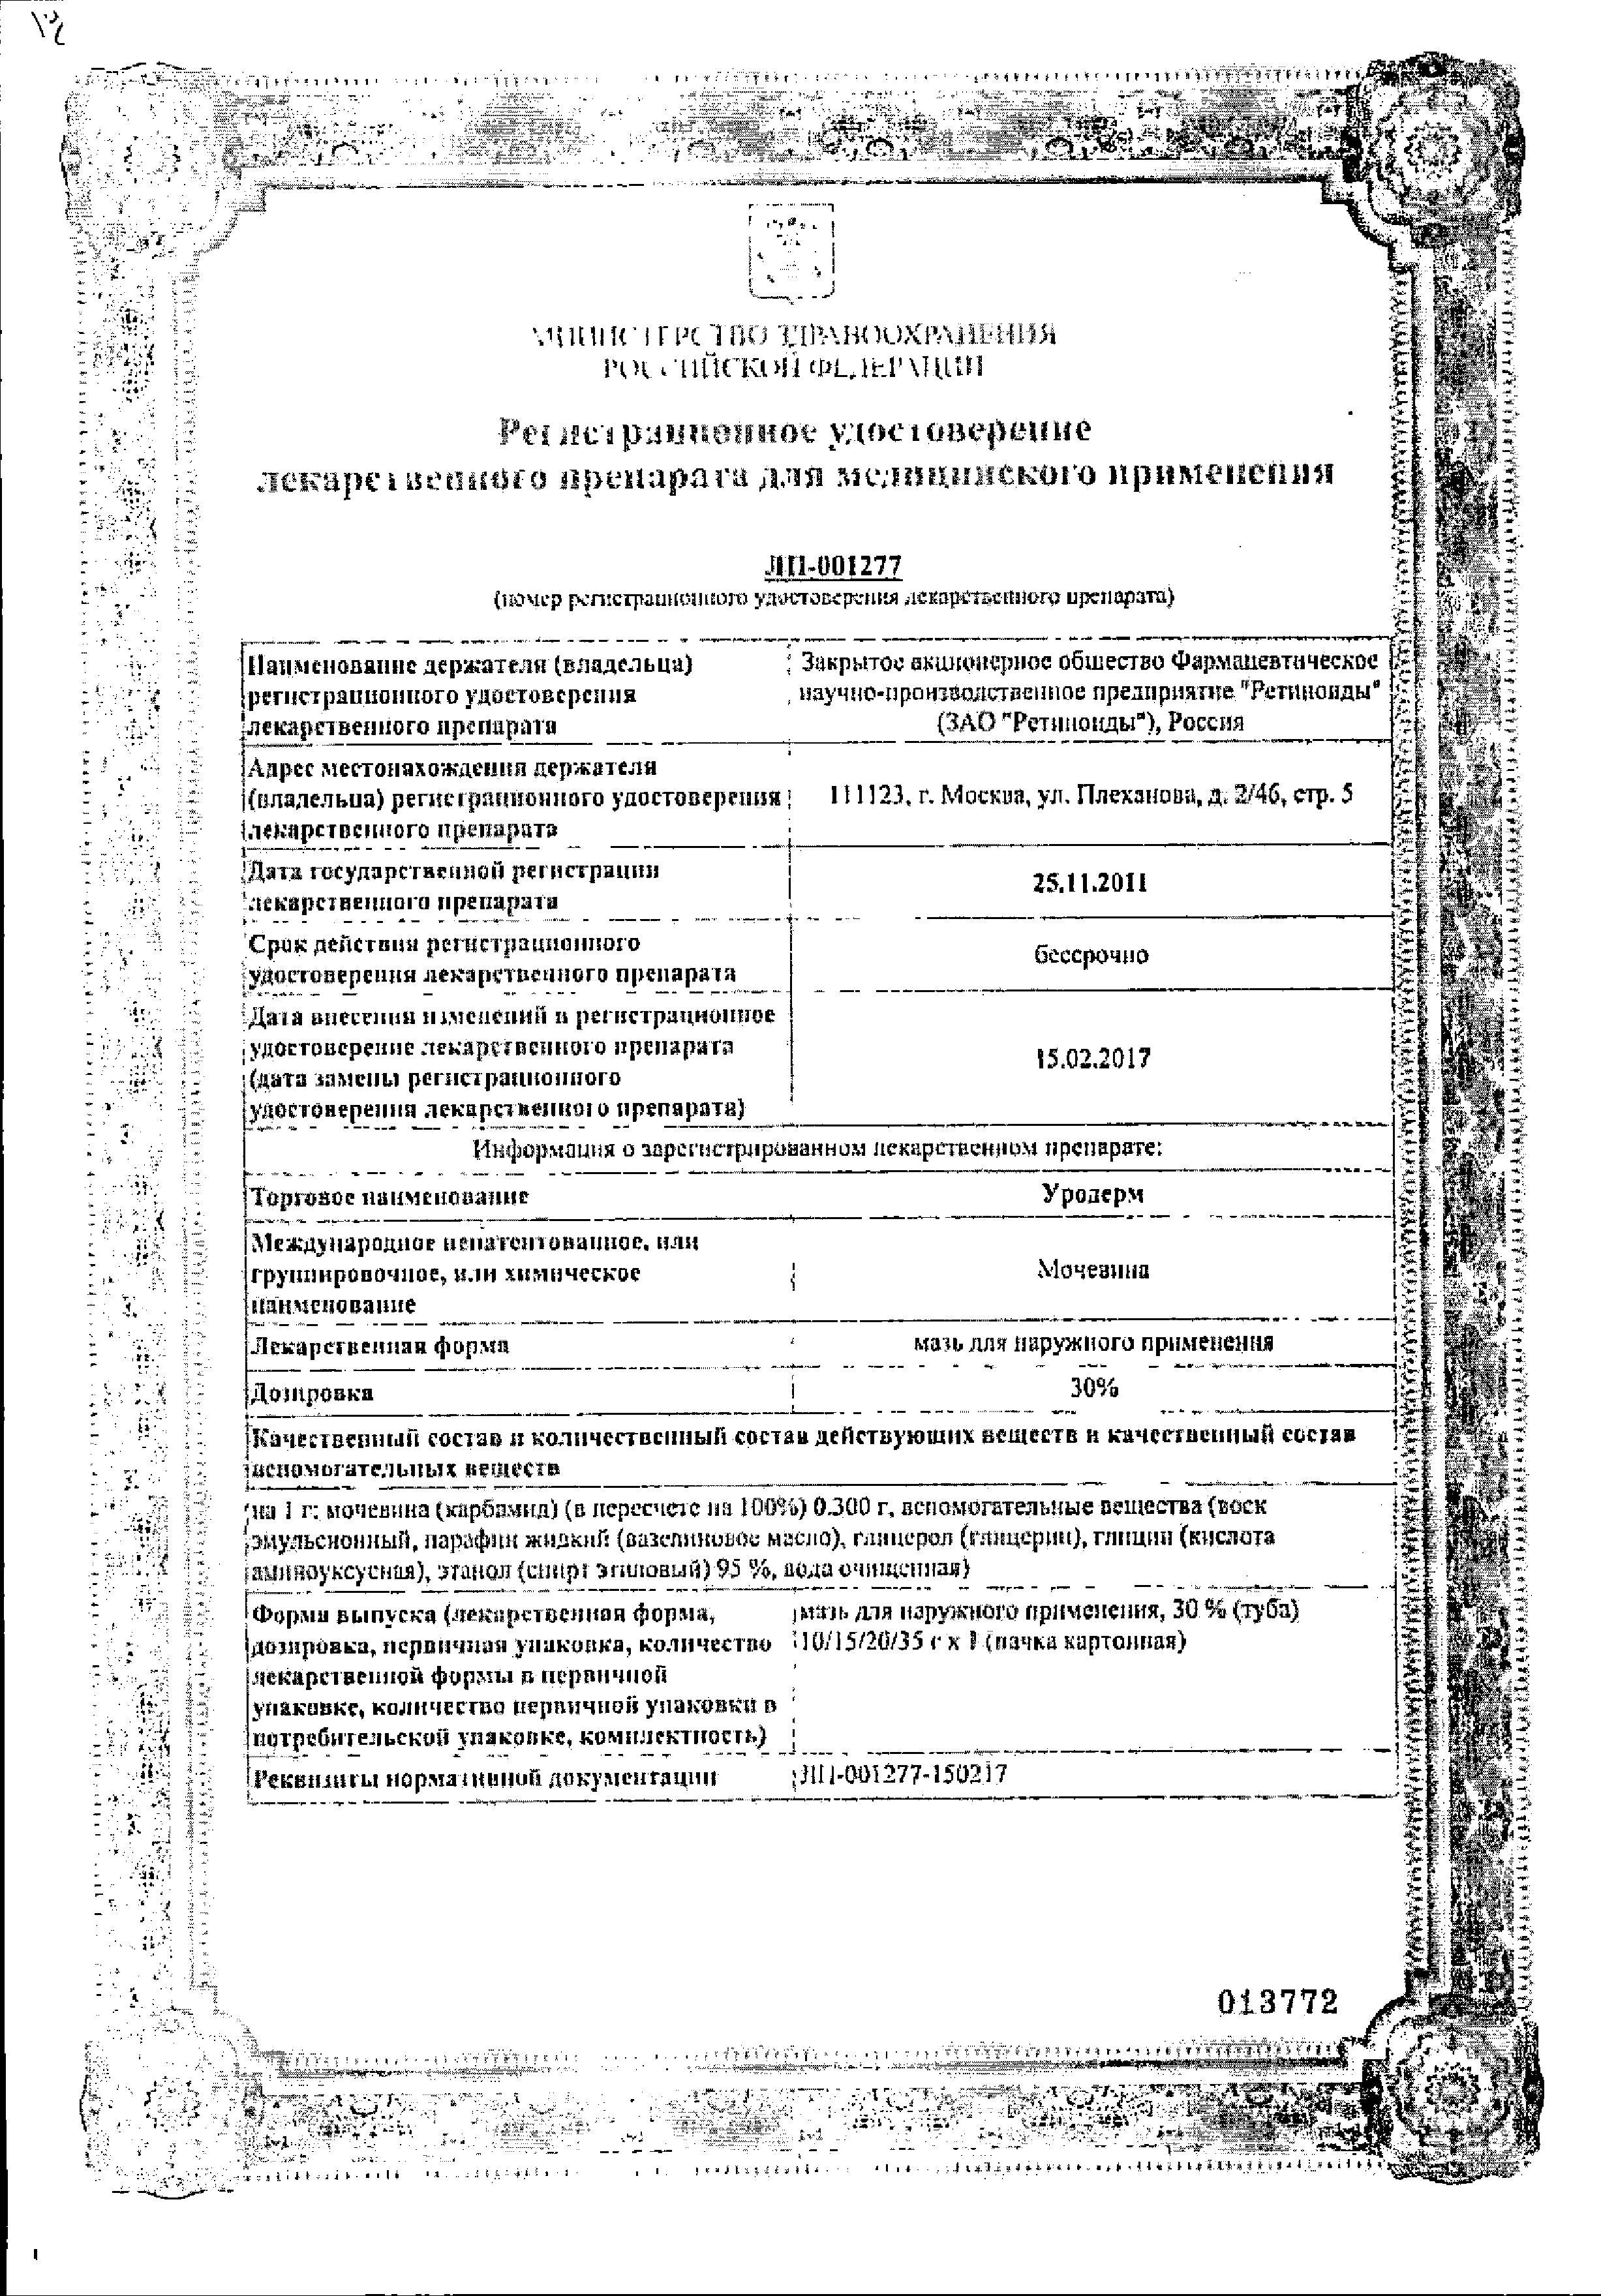 Уродерм сертификат